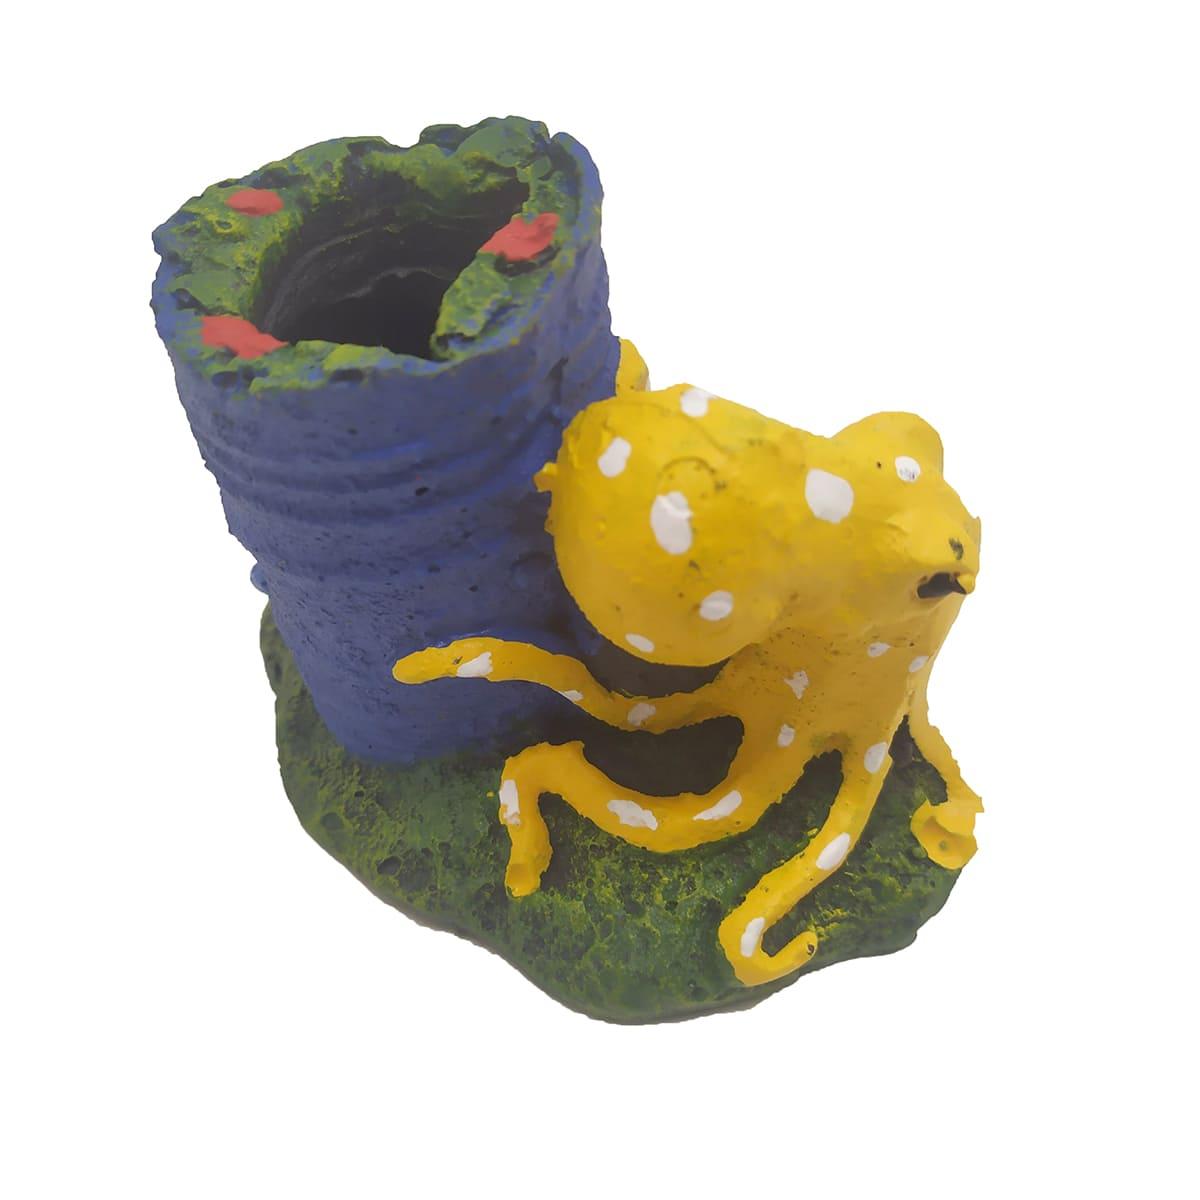 Enfeite para Aquários Polvo no Tambor - Fragata Ornamentos